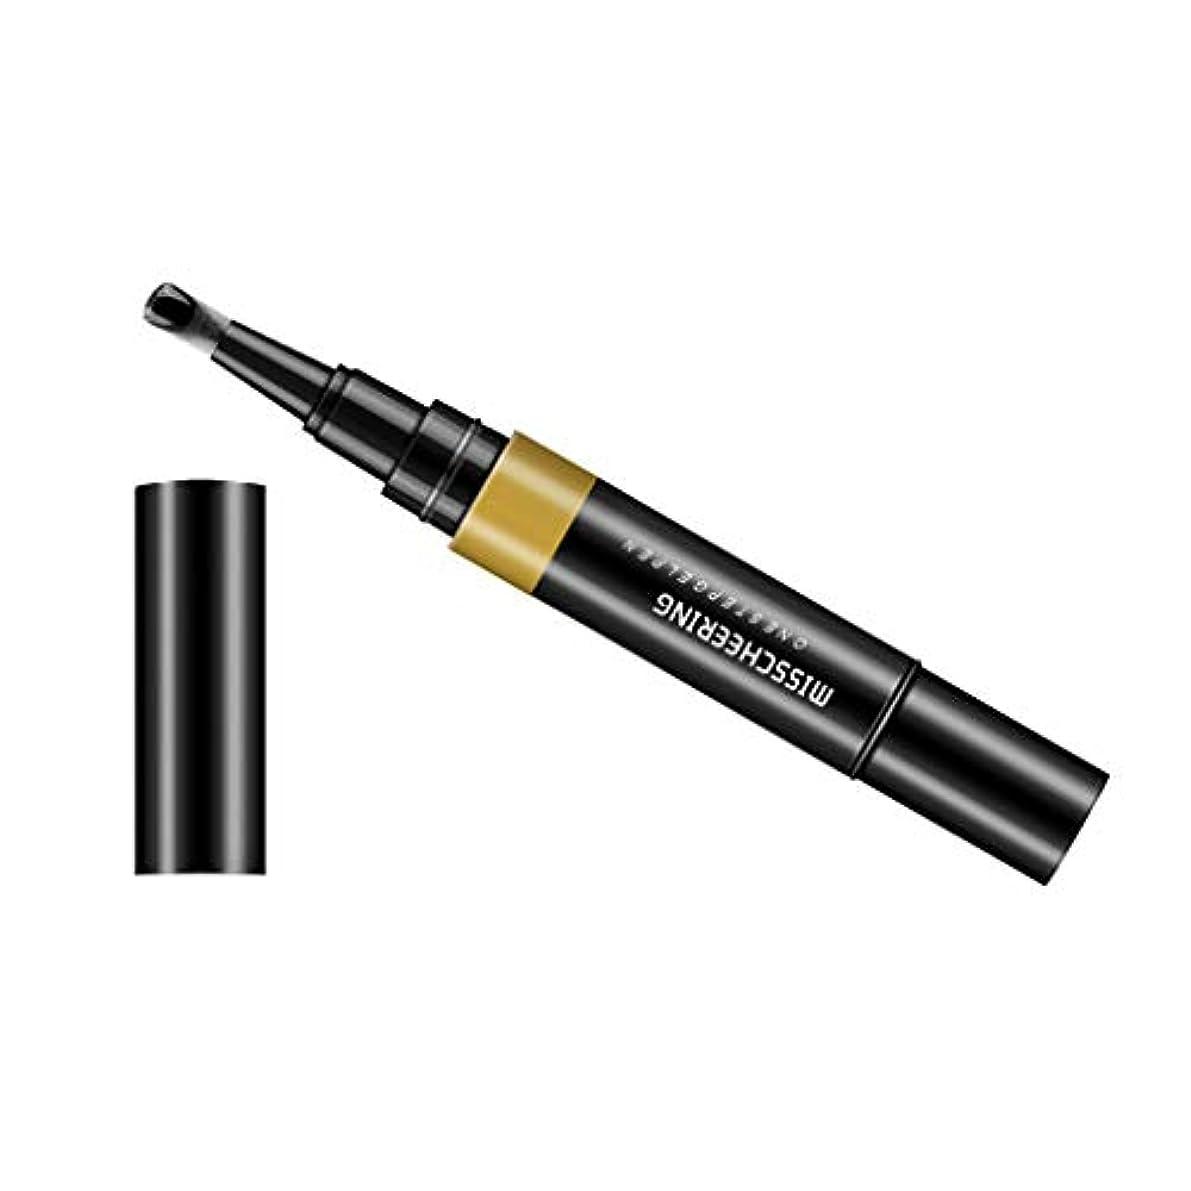 意味のあるチョークエロチックToygogo ジェル マニキュアペン ワニスラッカー ネイルアートペン 3 イン 1 サロン 初心者 セルフネイル DIY - ブラック